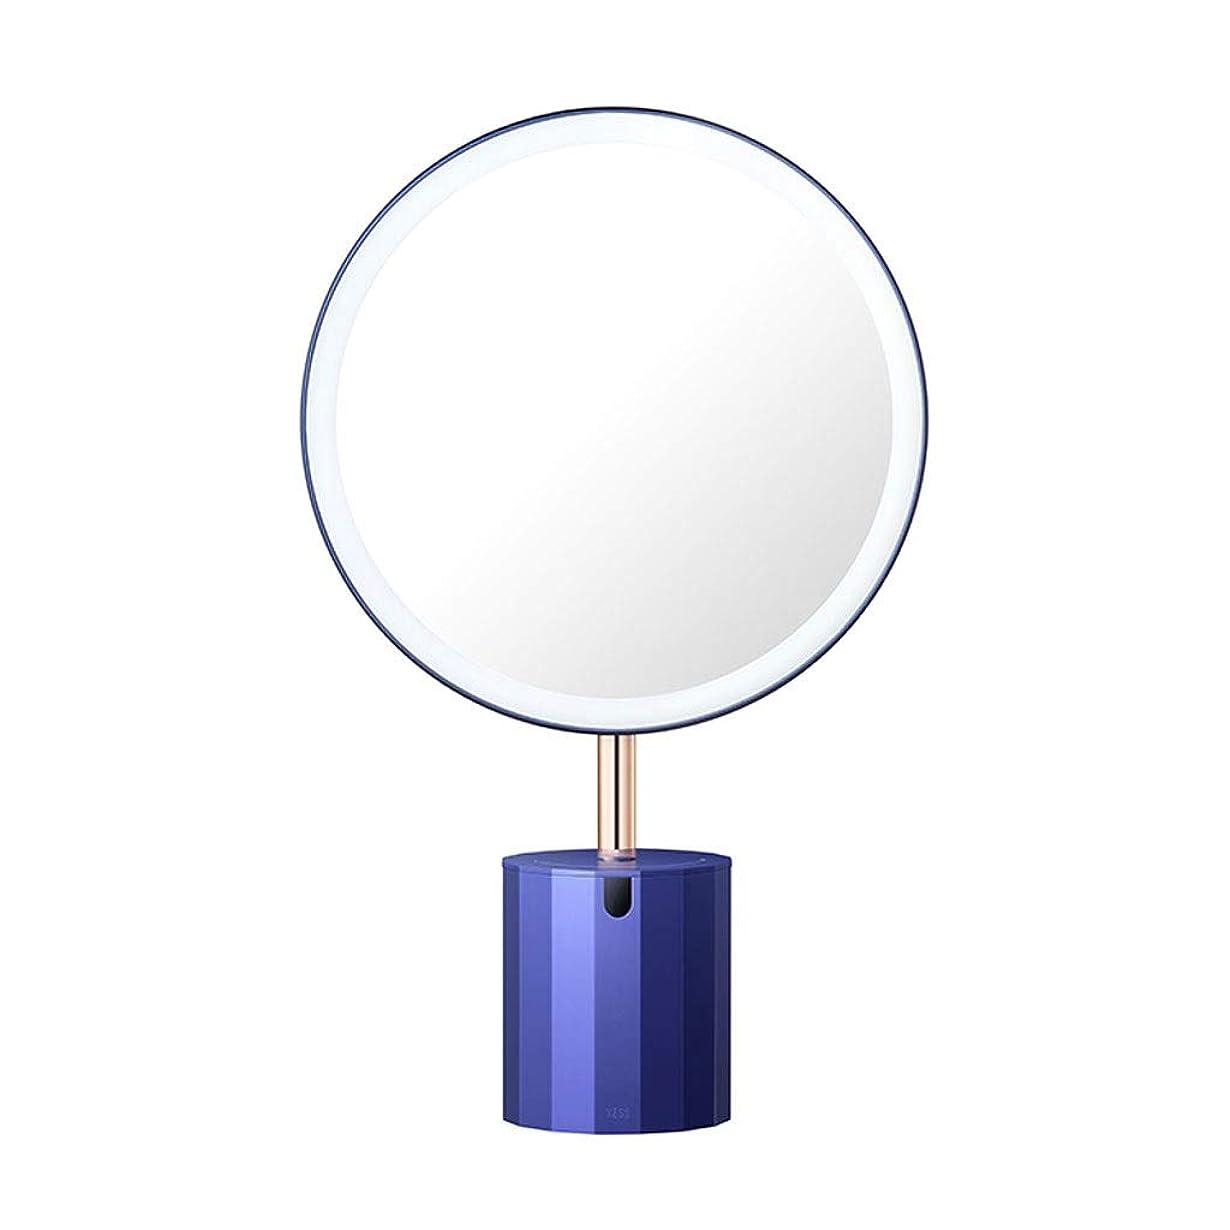 貧困嫌悪失礼ONOJT 化粧鏡- スマートLED無段階調光ミラーデスクトップHD化粧鏡フィルライトミラー女性 (Color : Blue, Size : 8in)